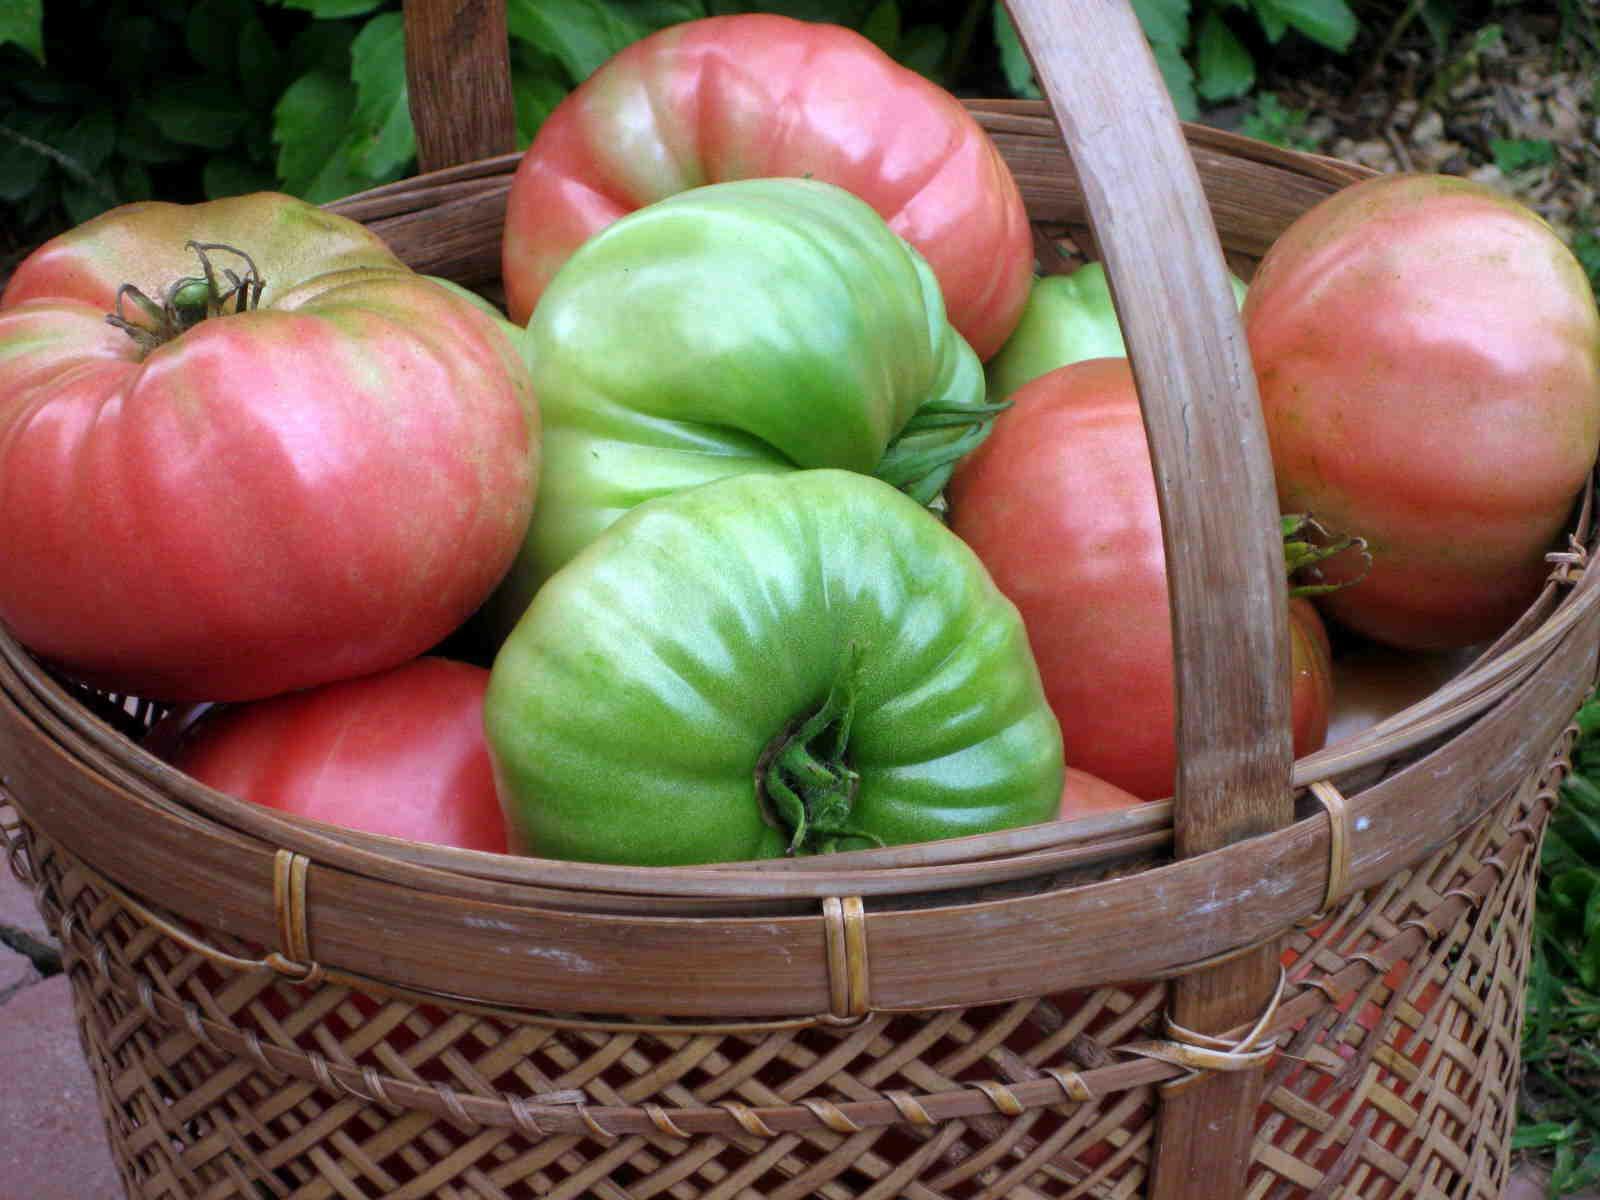 Comment faire murir des tomates vertes